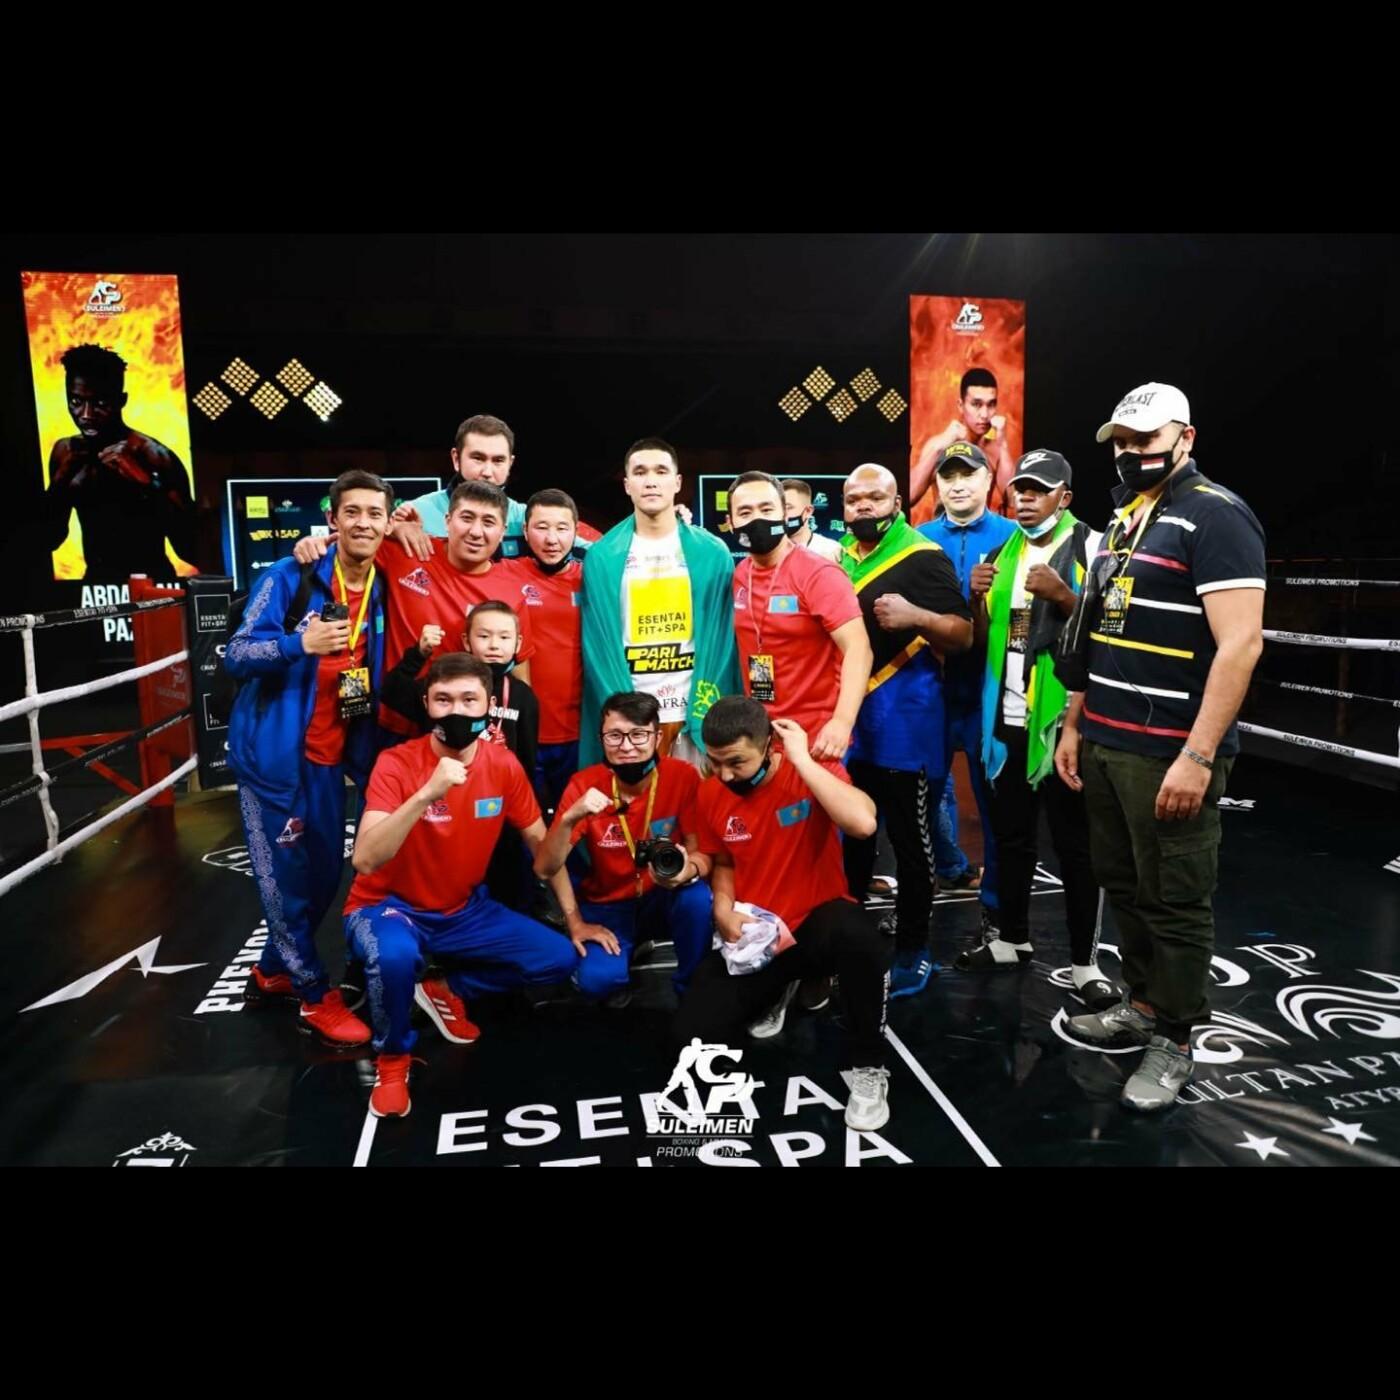 Вечер профессионального бокса провели в Атырау, фото-2